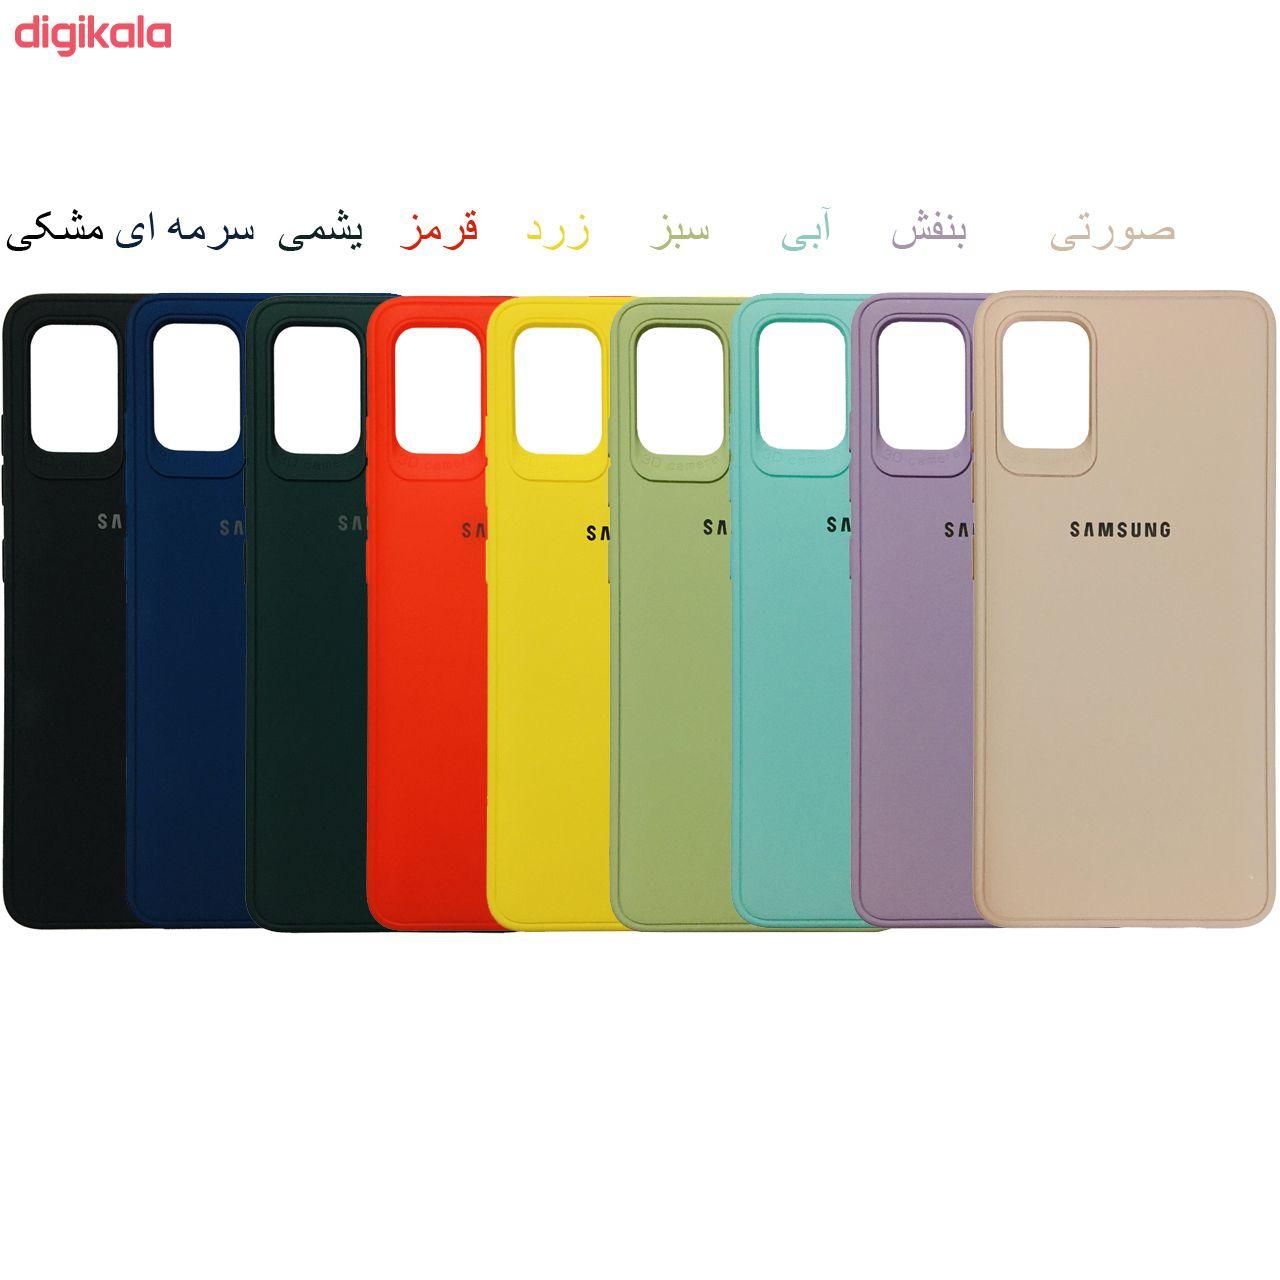 کاور کد 1655 مناسب برای گوشی موبایل سامسونگ Galaxy A51 مجموعه 9 عددی